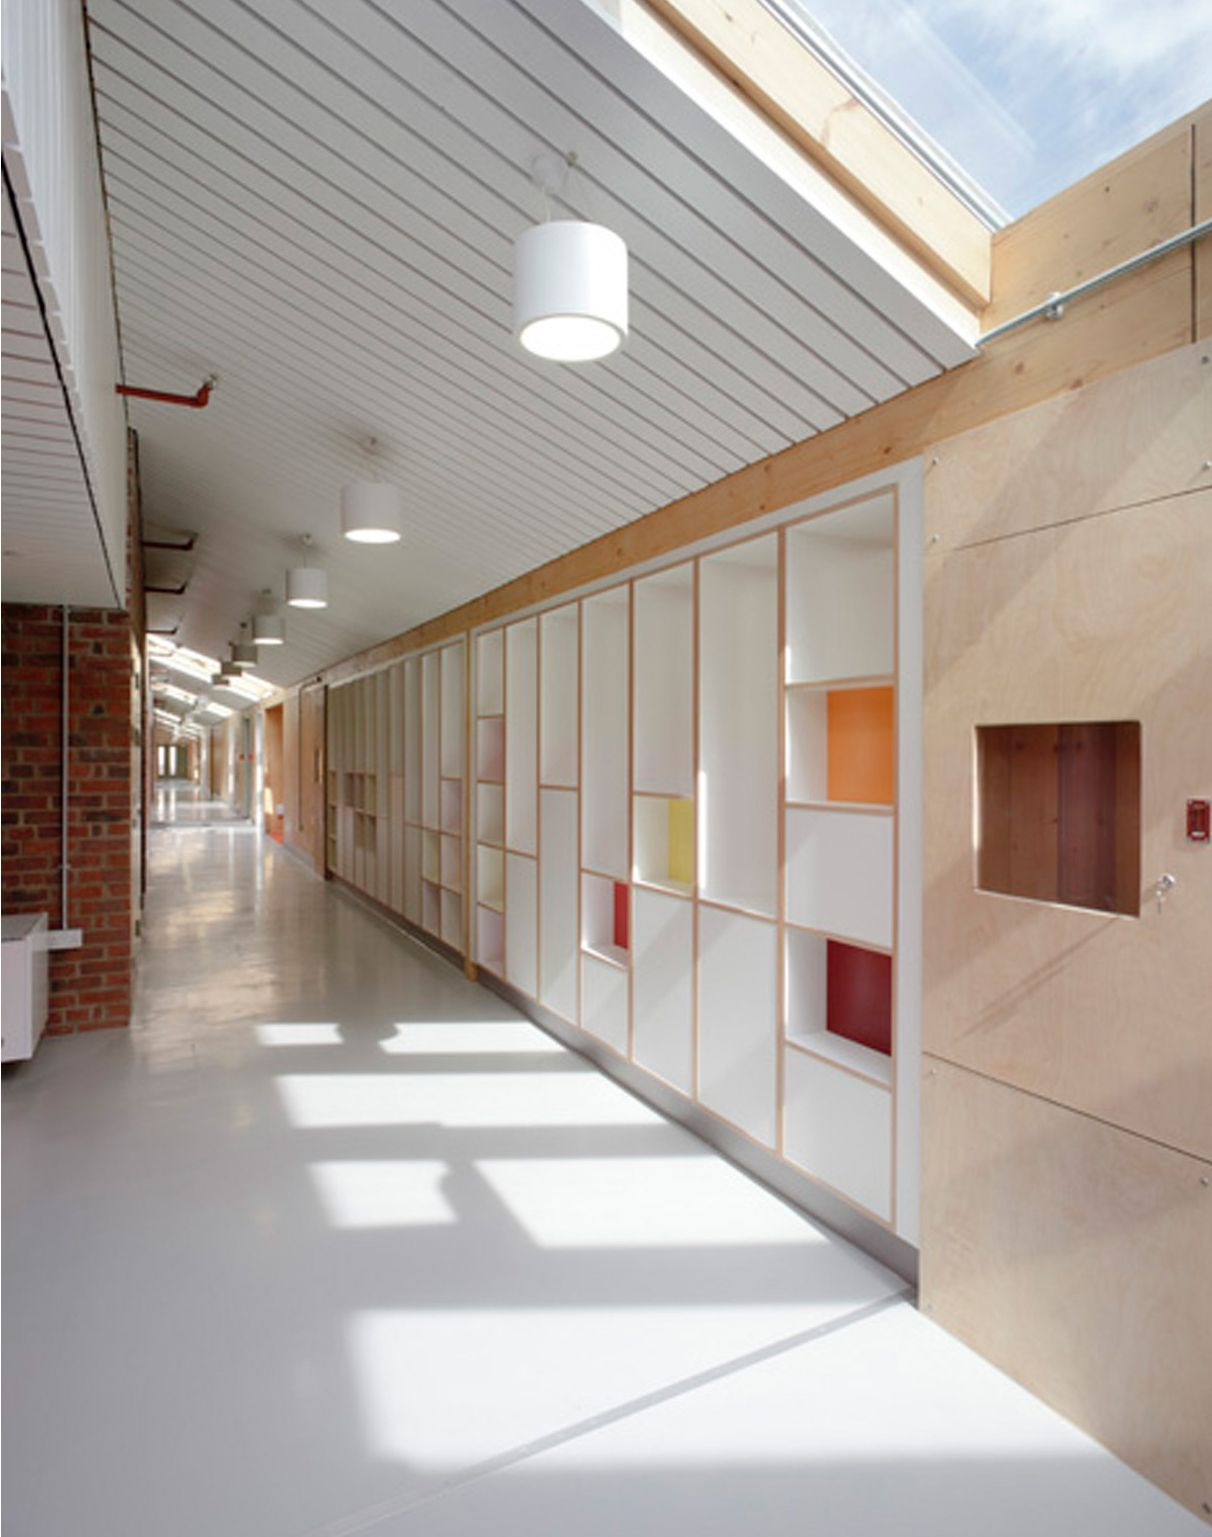 Classroom Design Architecture ~ Classroom corridor architecture google search